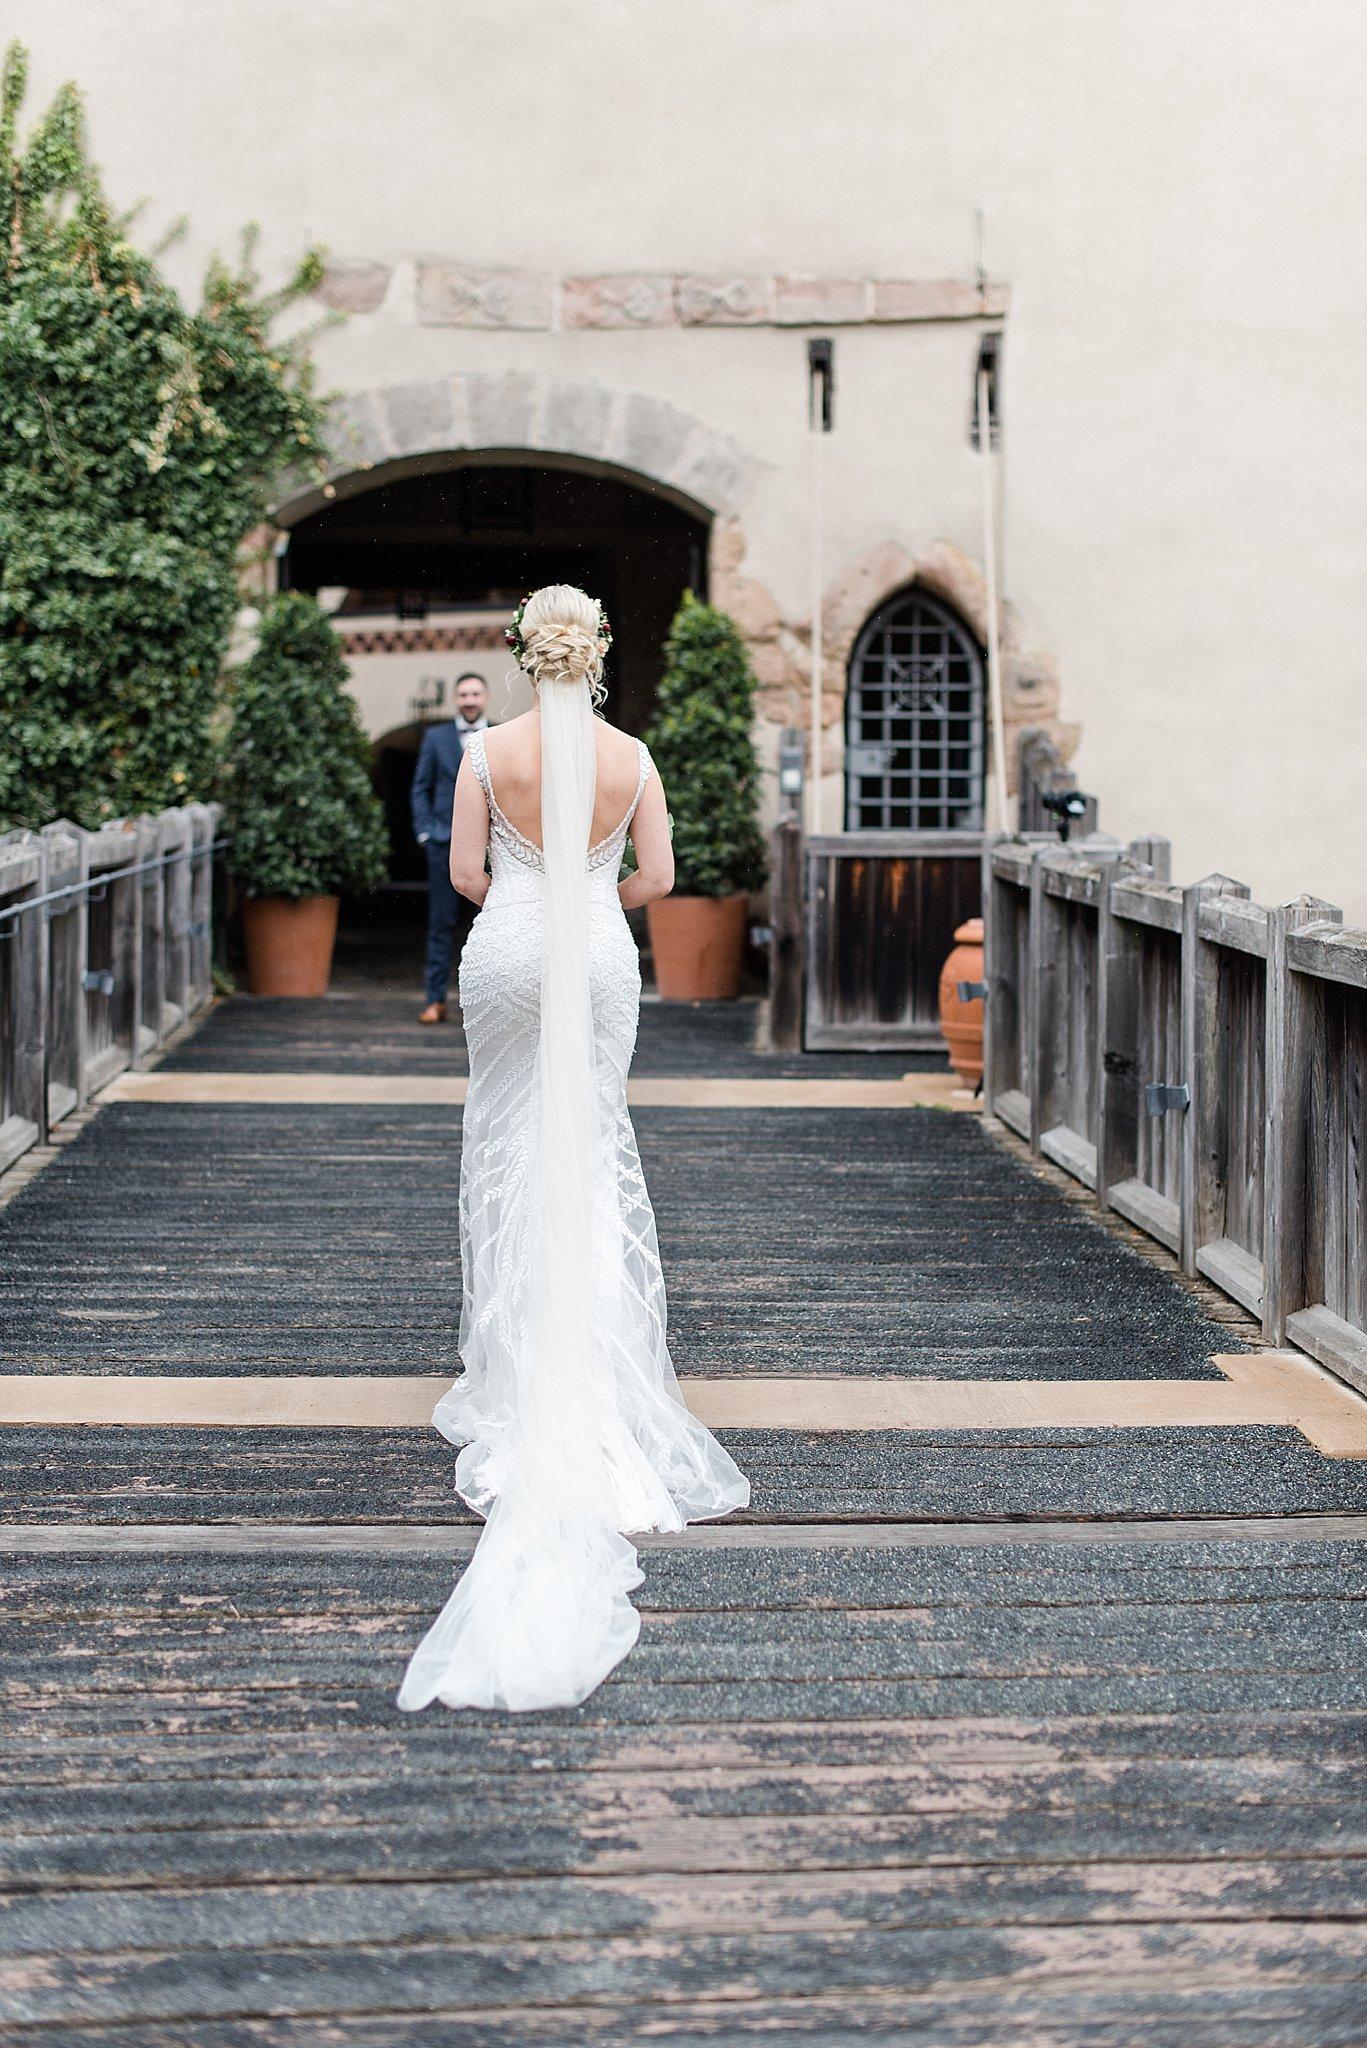 Hochzeit-von-Marina-Dominik-auf-Burg-Wernberg-und-Schloss-Friedrichsburg-00030